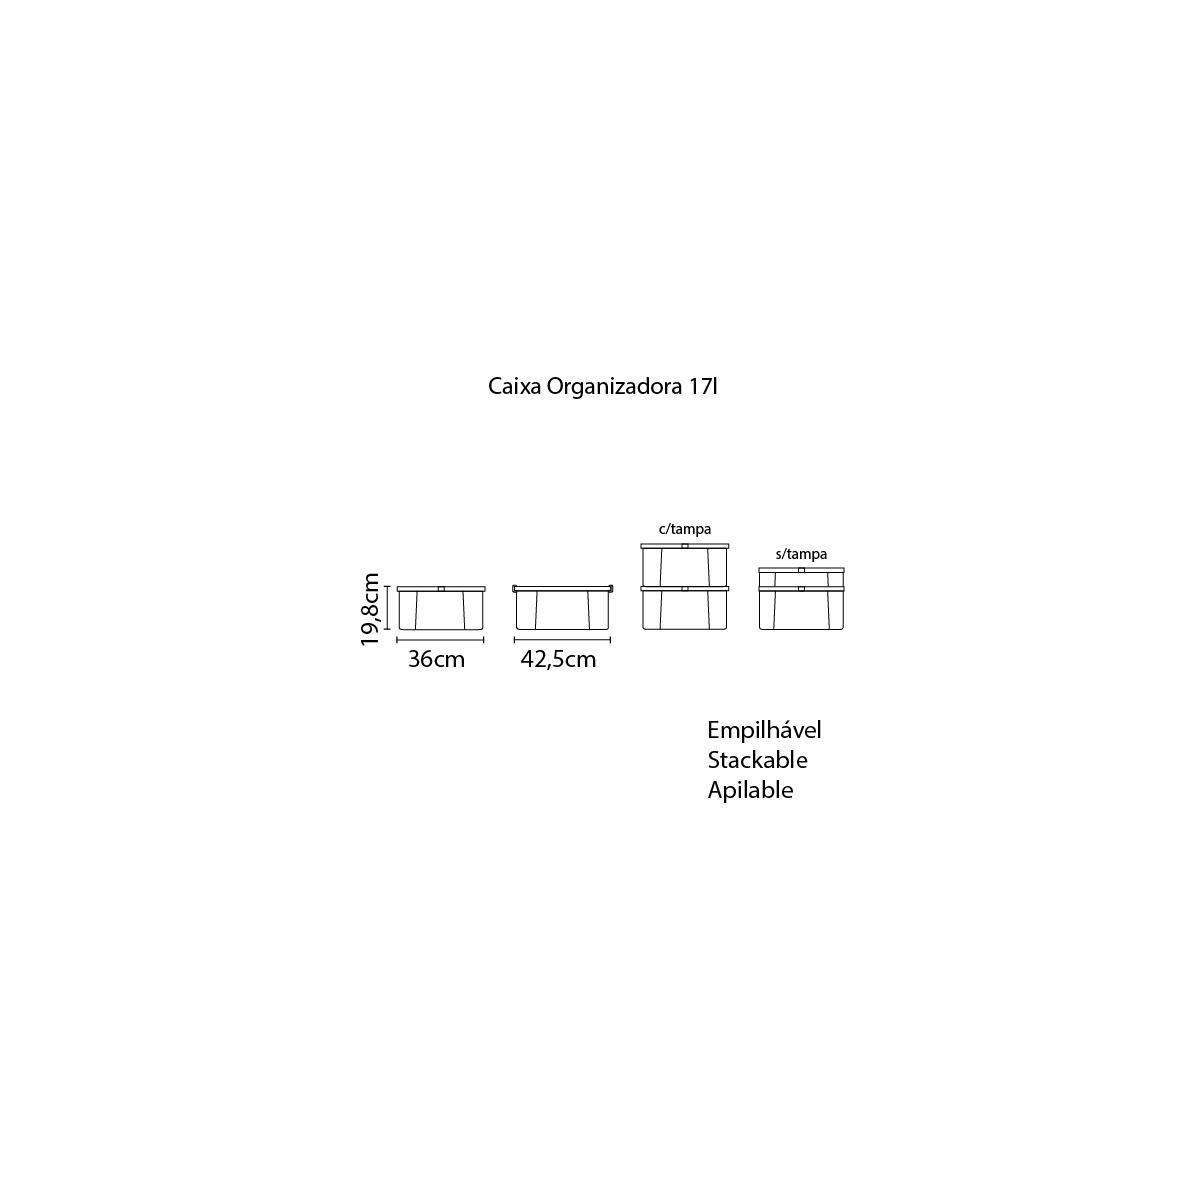 Caixa Organizadora Tramontina Office 17 L em Polipropileno Transparente